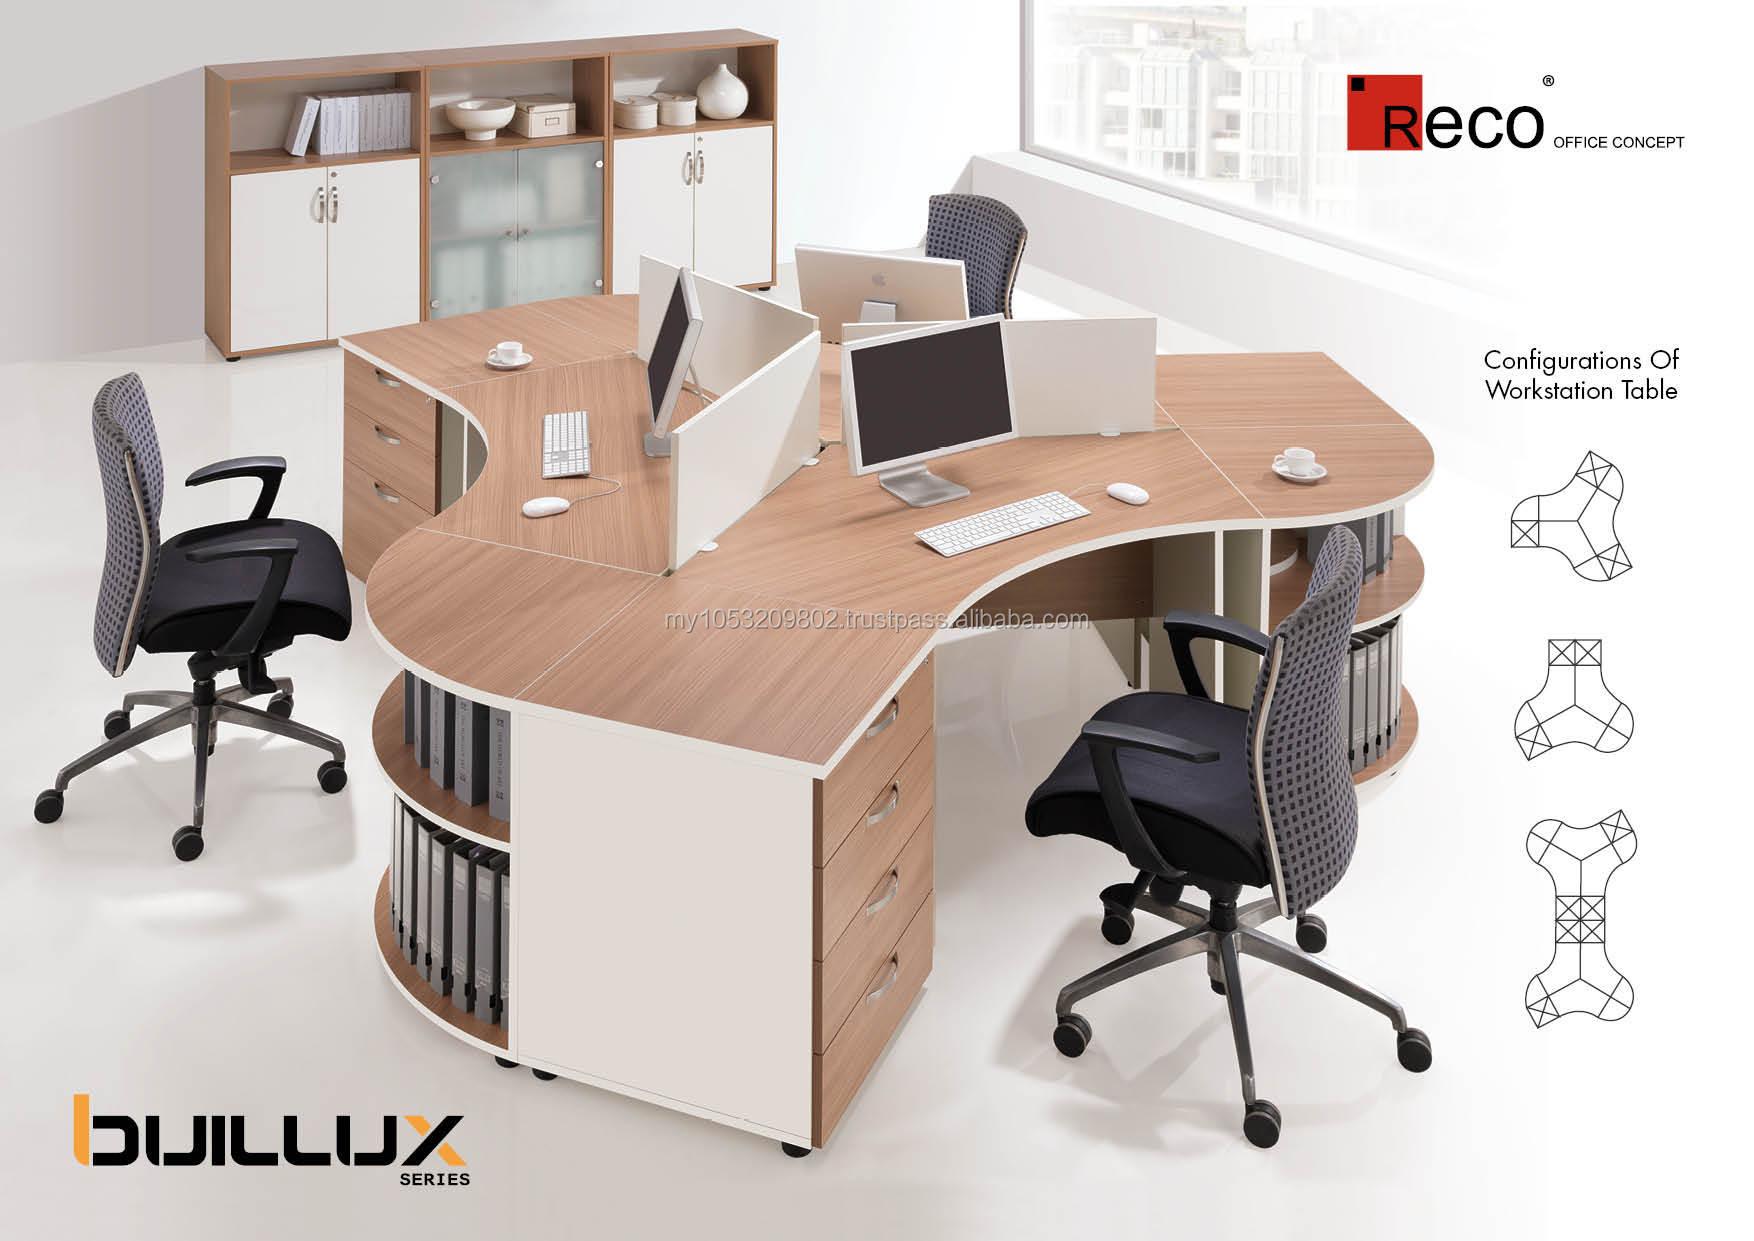 muebles de oficina muebles de oficina moderna soluciones de mobiliario de oficina escritorio